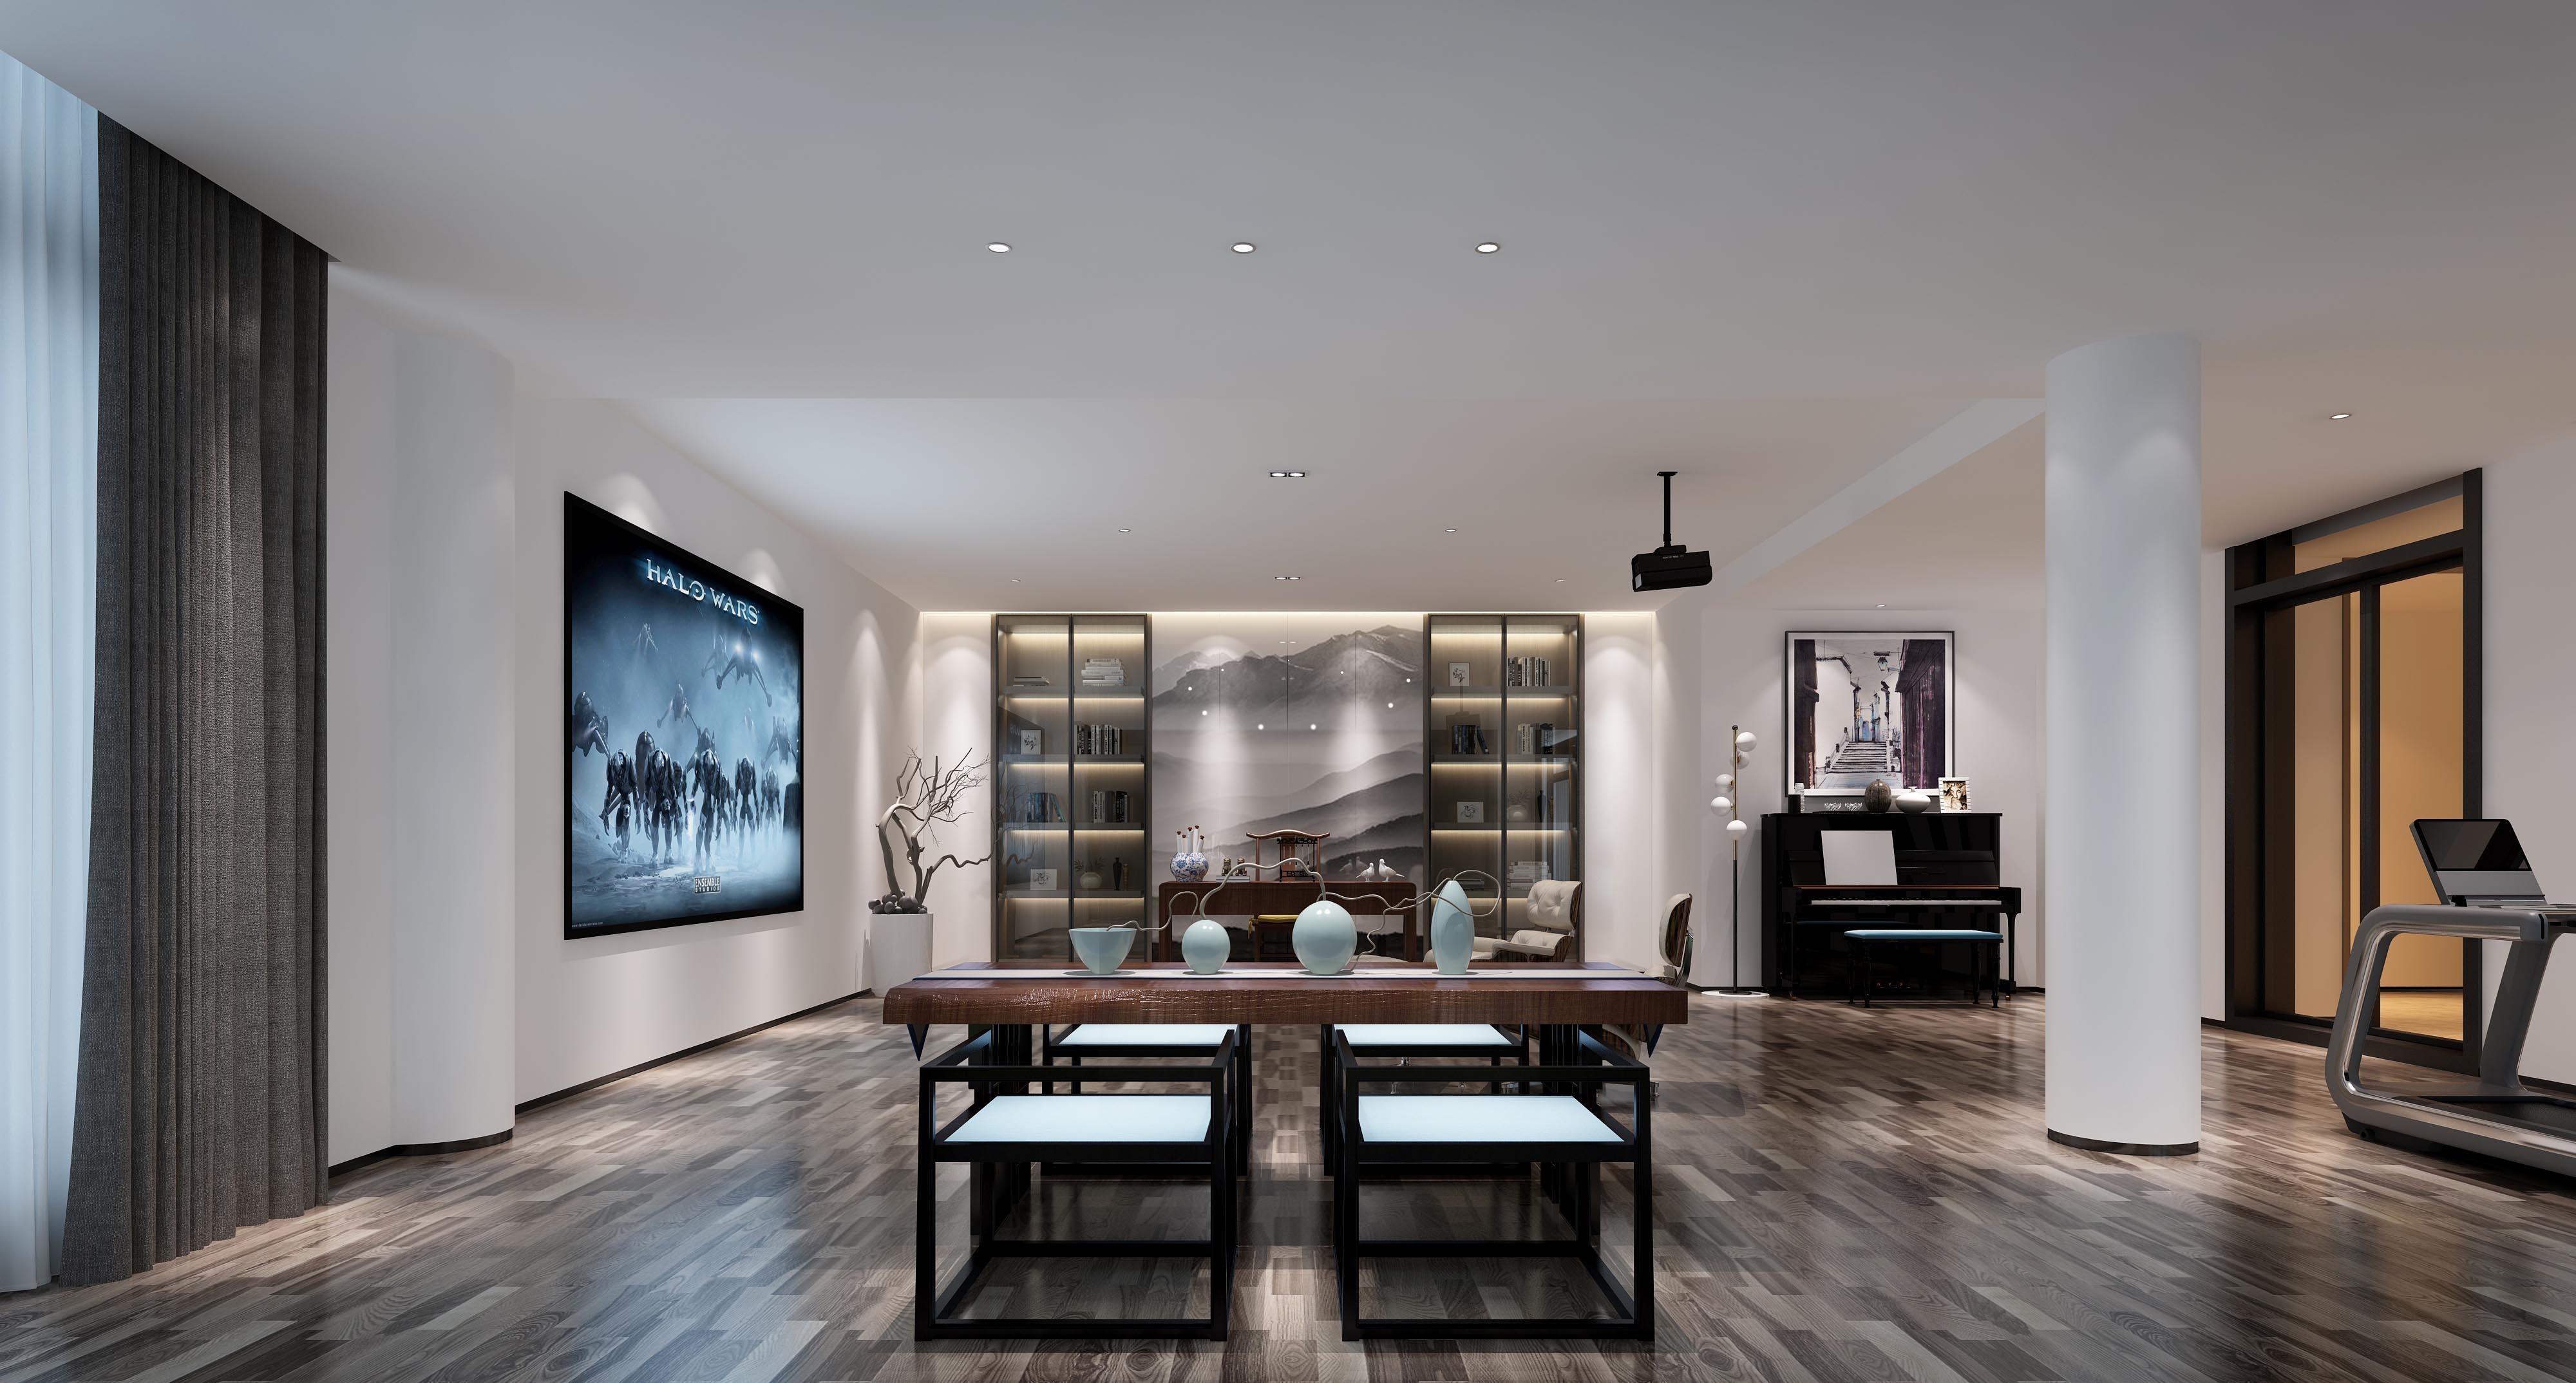 現代的北歐風格幾乎摒棄了所有不必要的墻面裝飾。白、黑、棕、灰和淡藍等顏色都是北歐風格裝飾中常使用到的色彩元素,轉換間不顯生硬,彰顯獨有的簡潔和舒適。本案由品清設計師朱清林完成。  客廳 極簡的立方體空間以白色為主背景,不加以一絲圖案的裝飾將簡單的概念直白地展現在眼前。木質儲物柜嵌于墻面減少單調感,強大的儲物能力既可起到裝飾作用又帶著一定的文化氣息。  餐廳 房頂的枝狀裝飾帶著點點綠意,少而精的點綴為餐廳的深灰色用餐氛圍進行了氣氛的緩和,有著遠離城市喧囂的舒適和自然感。大塊落地窗設計將幾個空間在無遮蔽的情